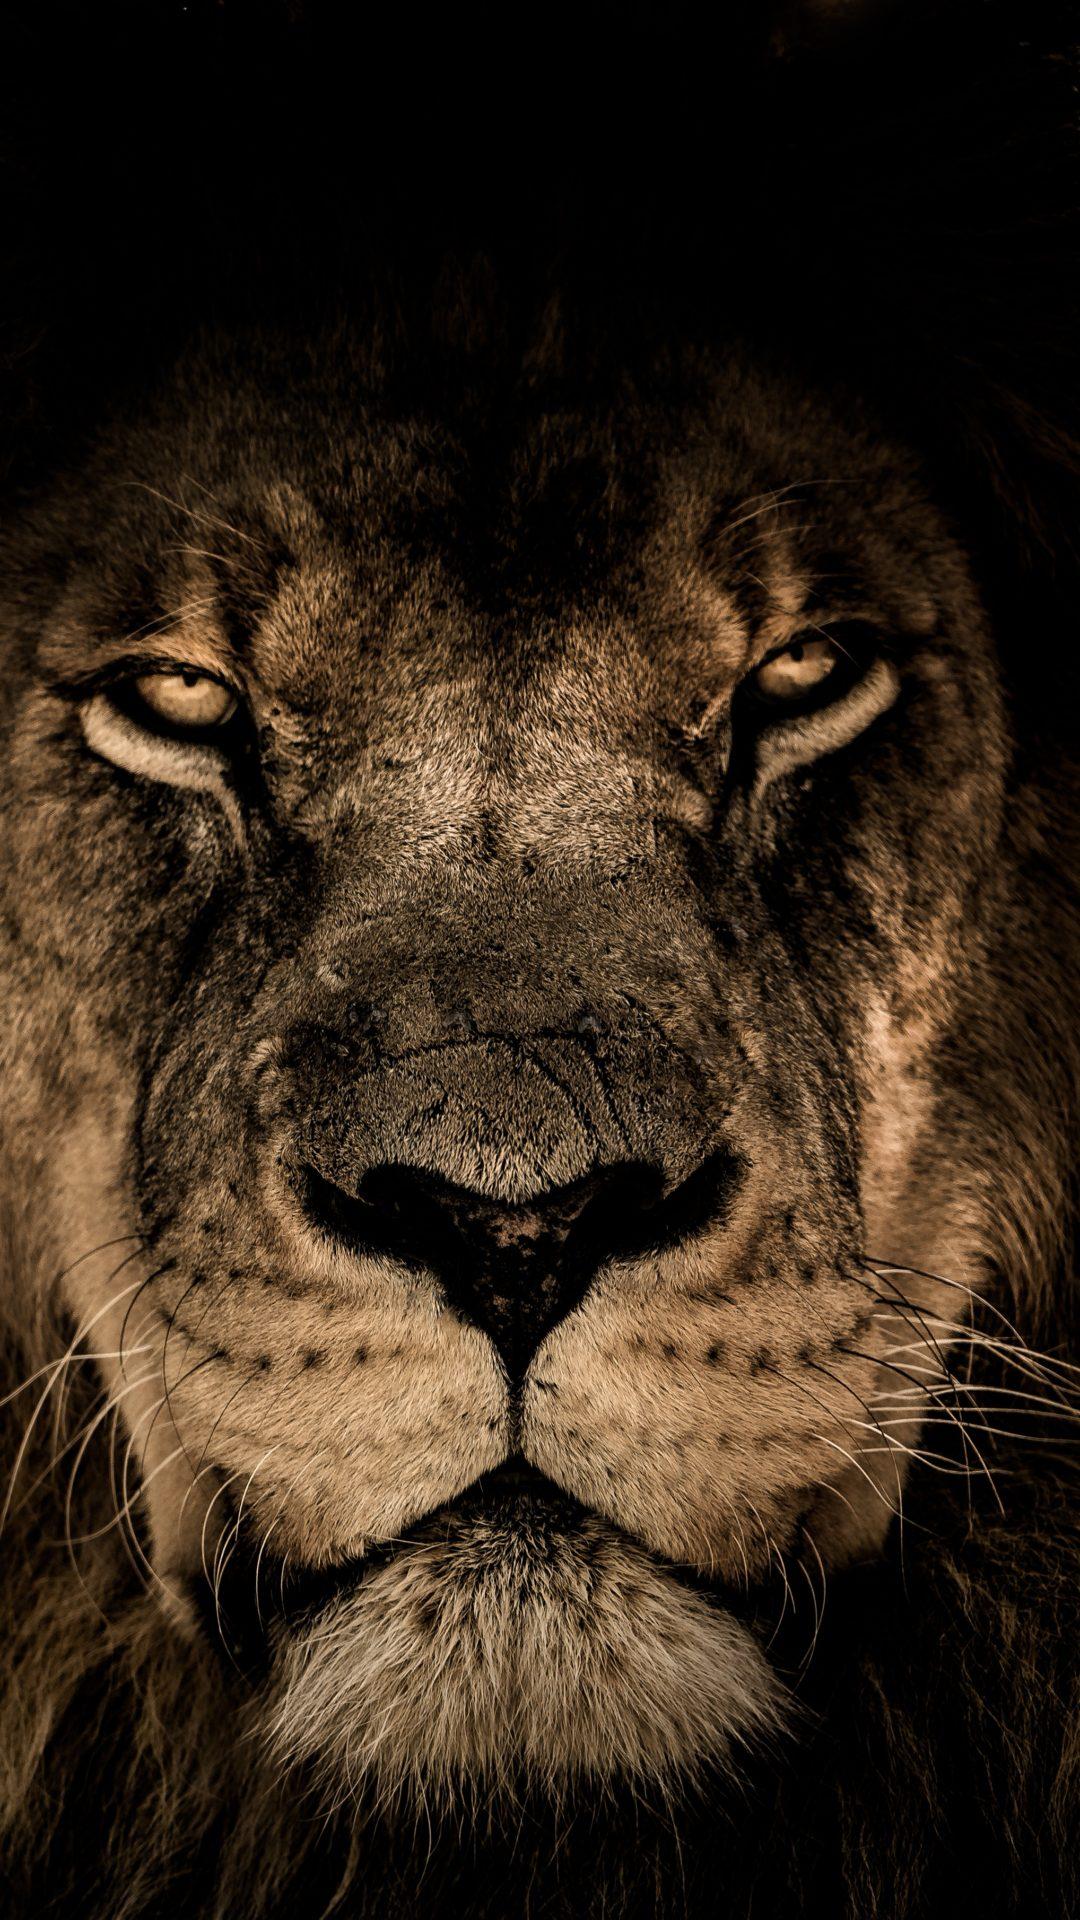 African lion 4k uhd wallpaper - Lion 4k wallpaper for mobile ...